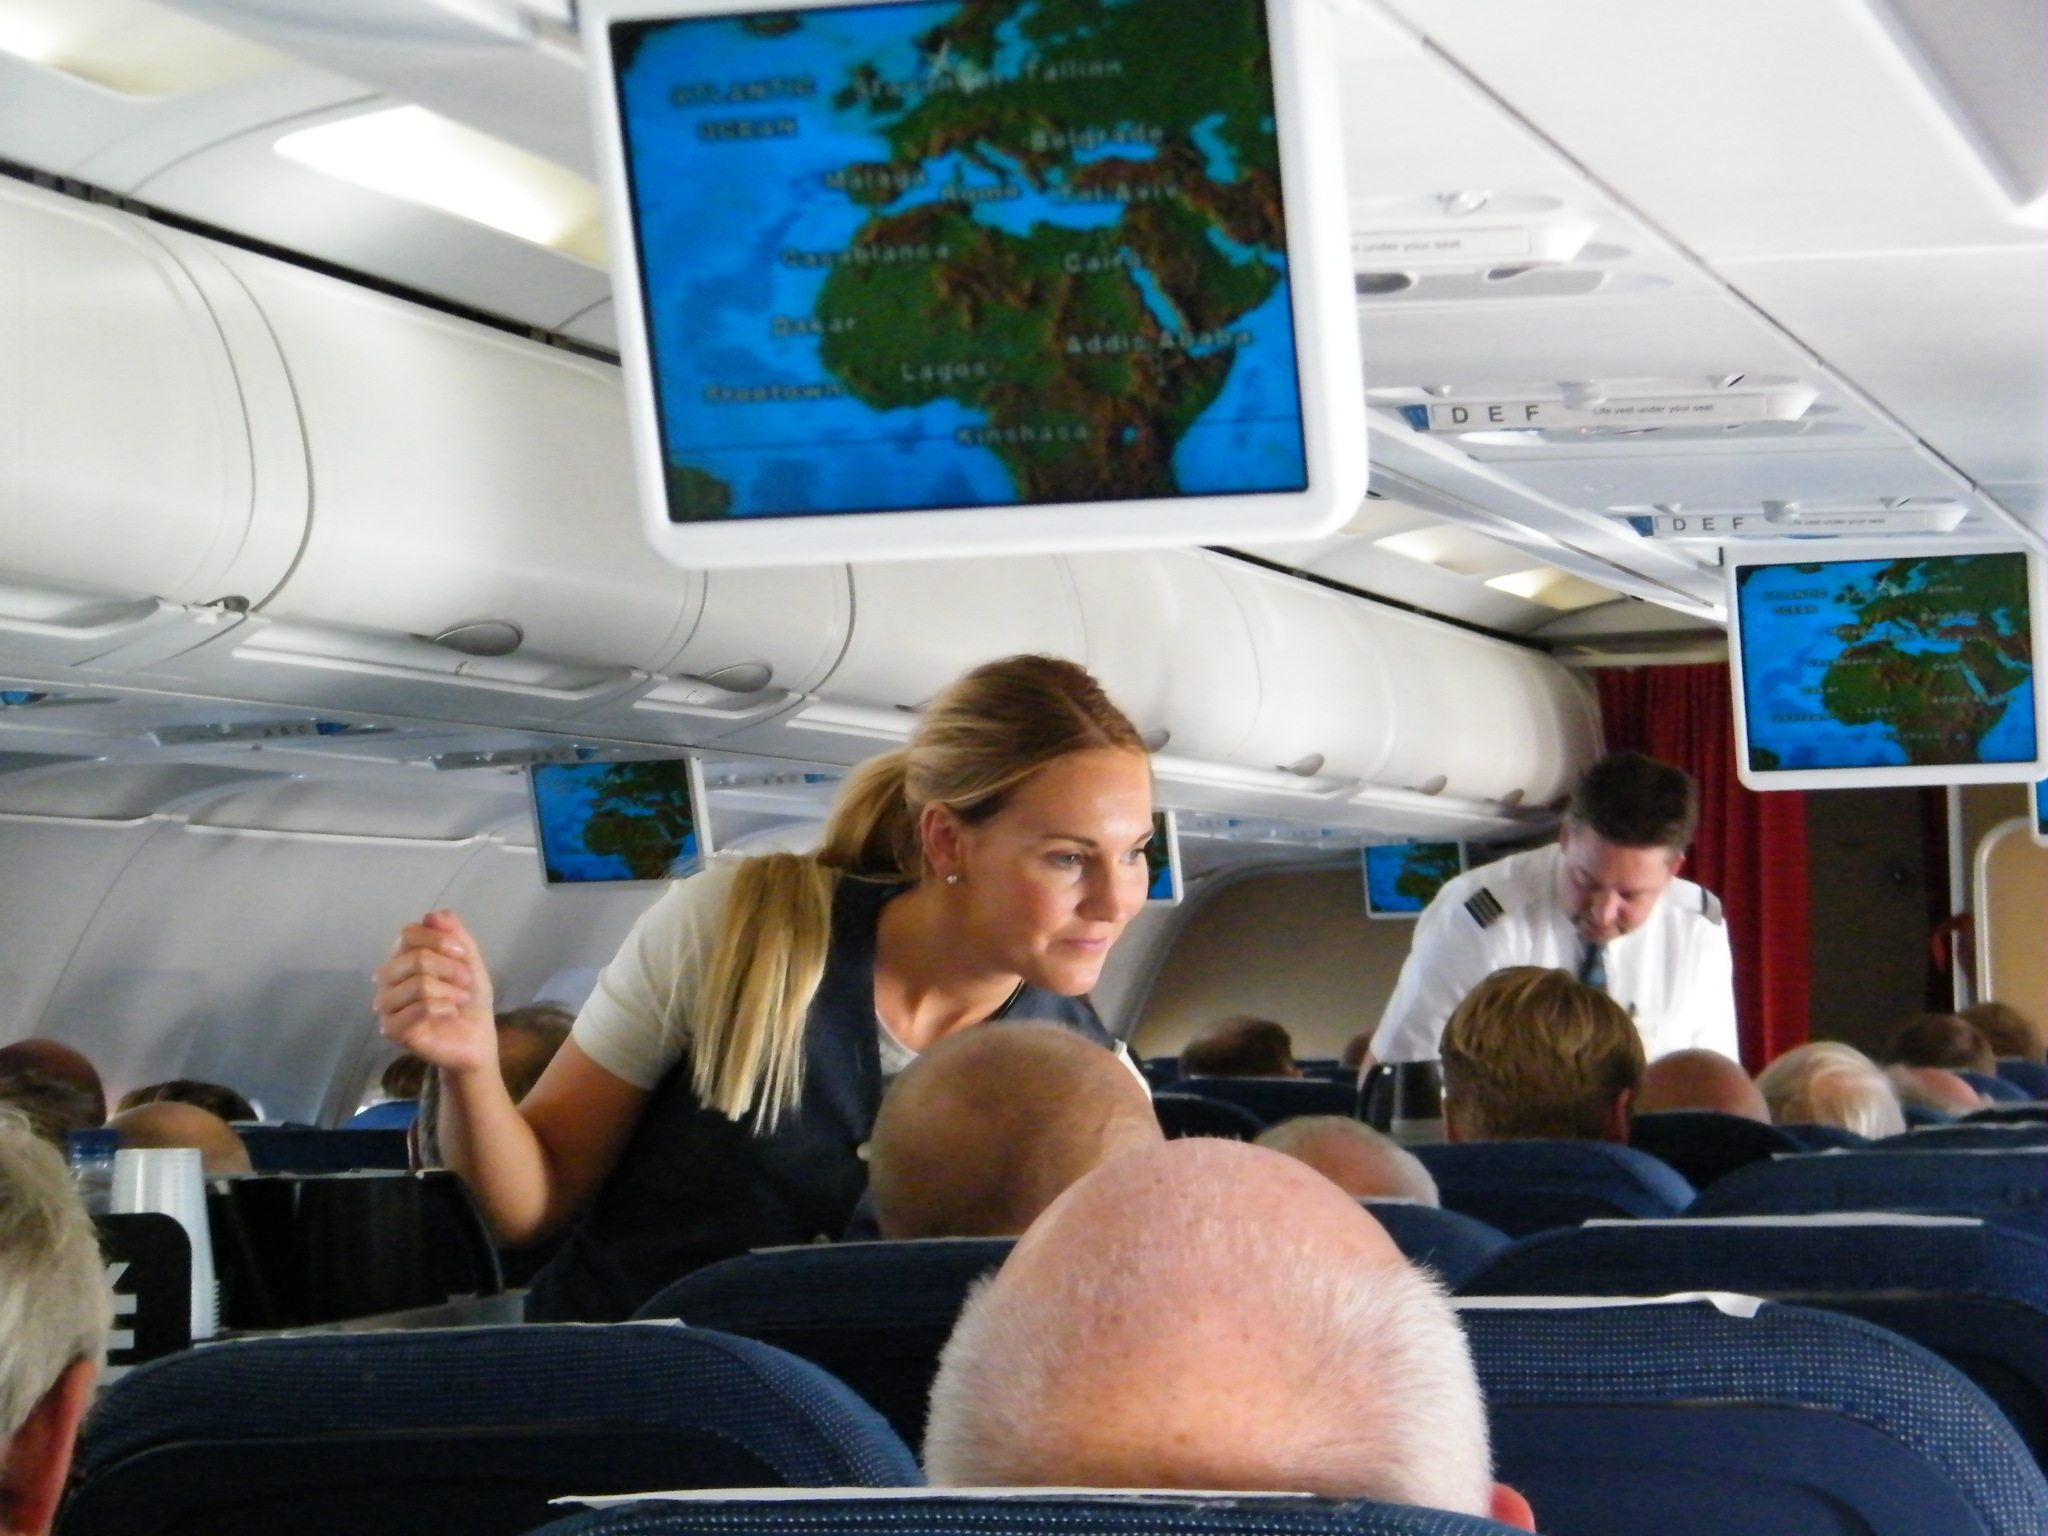 Til efteråret ophører SAS med salg af taxfree-varer om bord på alle selskabets fly.